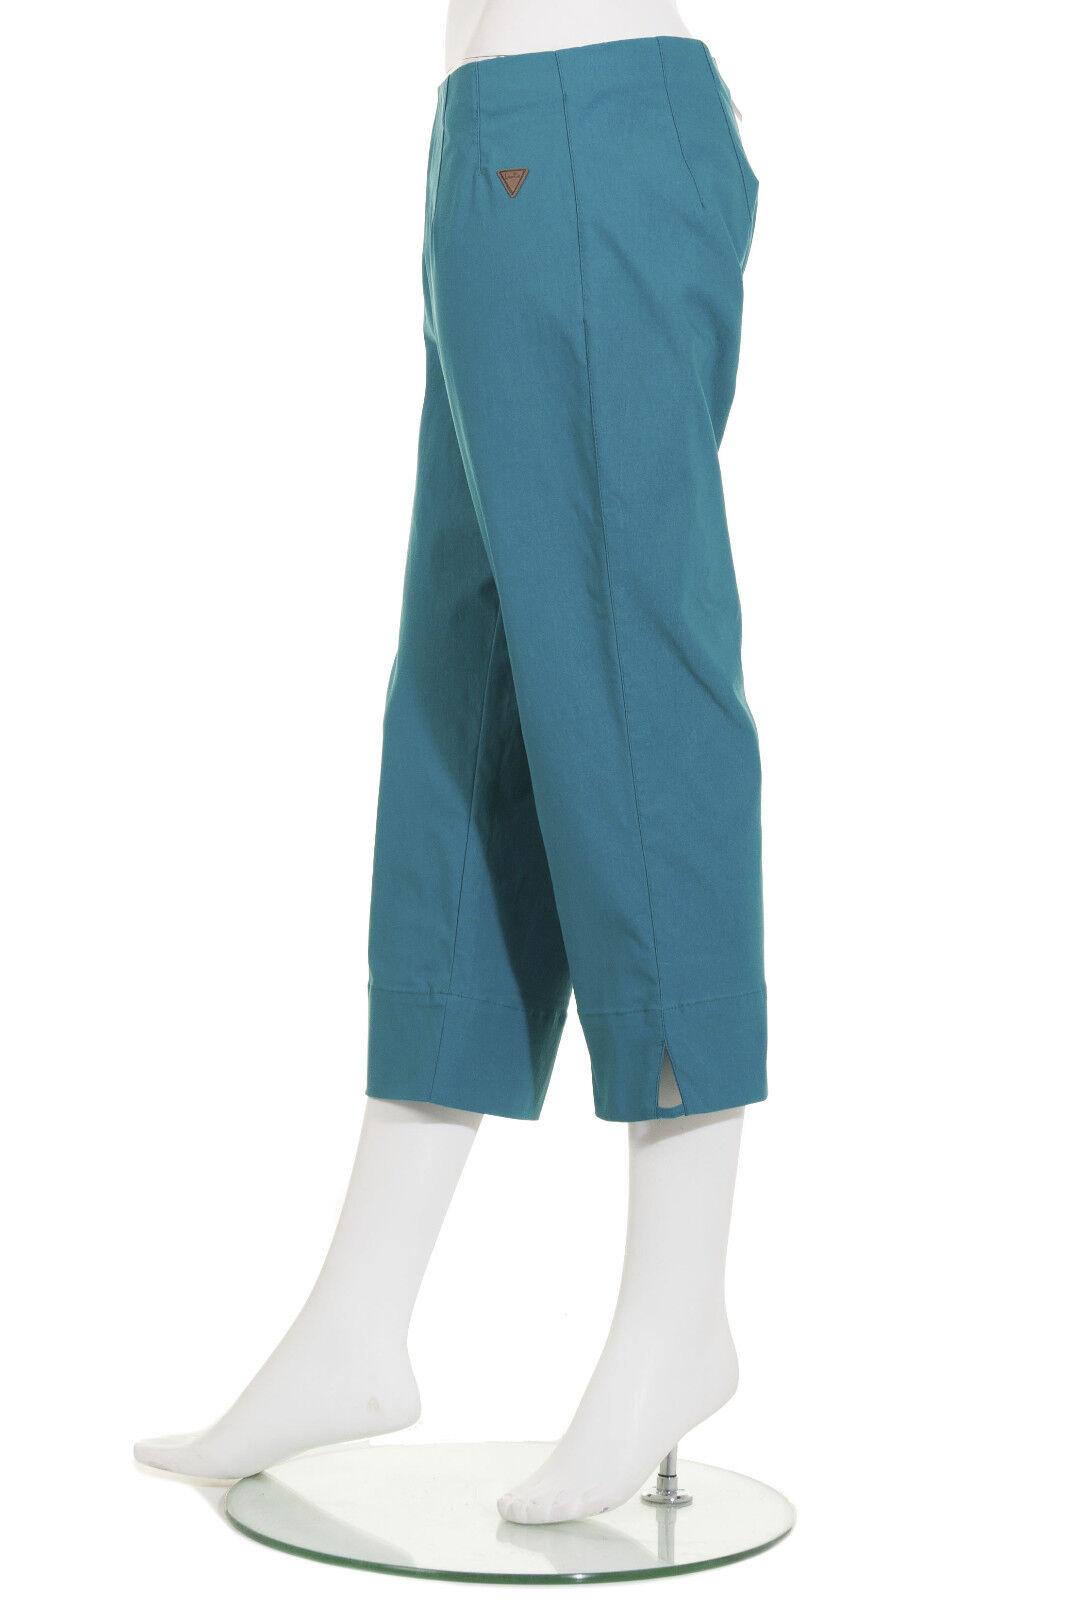 SALE Laurie Women's Capri Trouser Green  Emma   Various Plus Sizes rrp .00